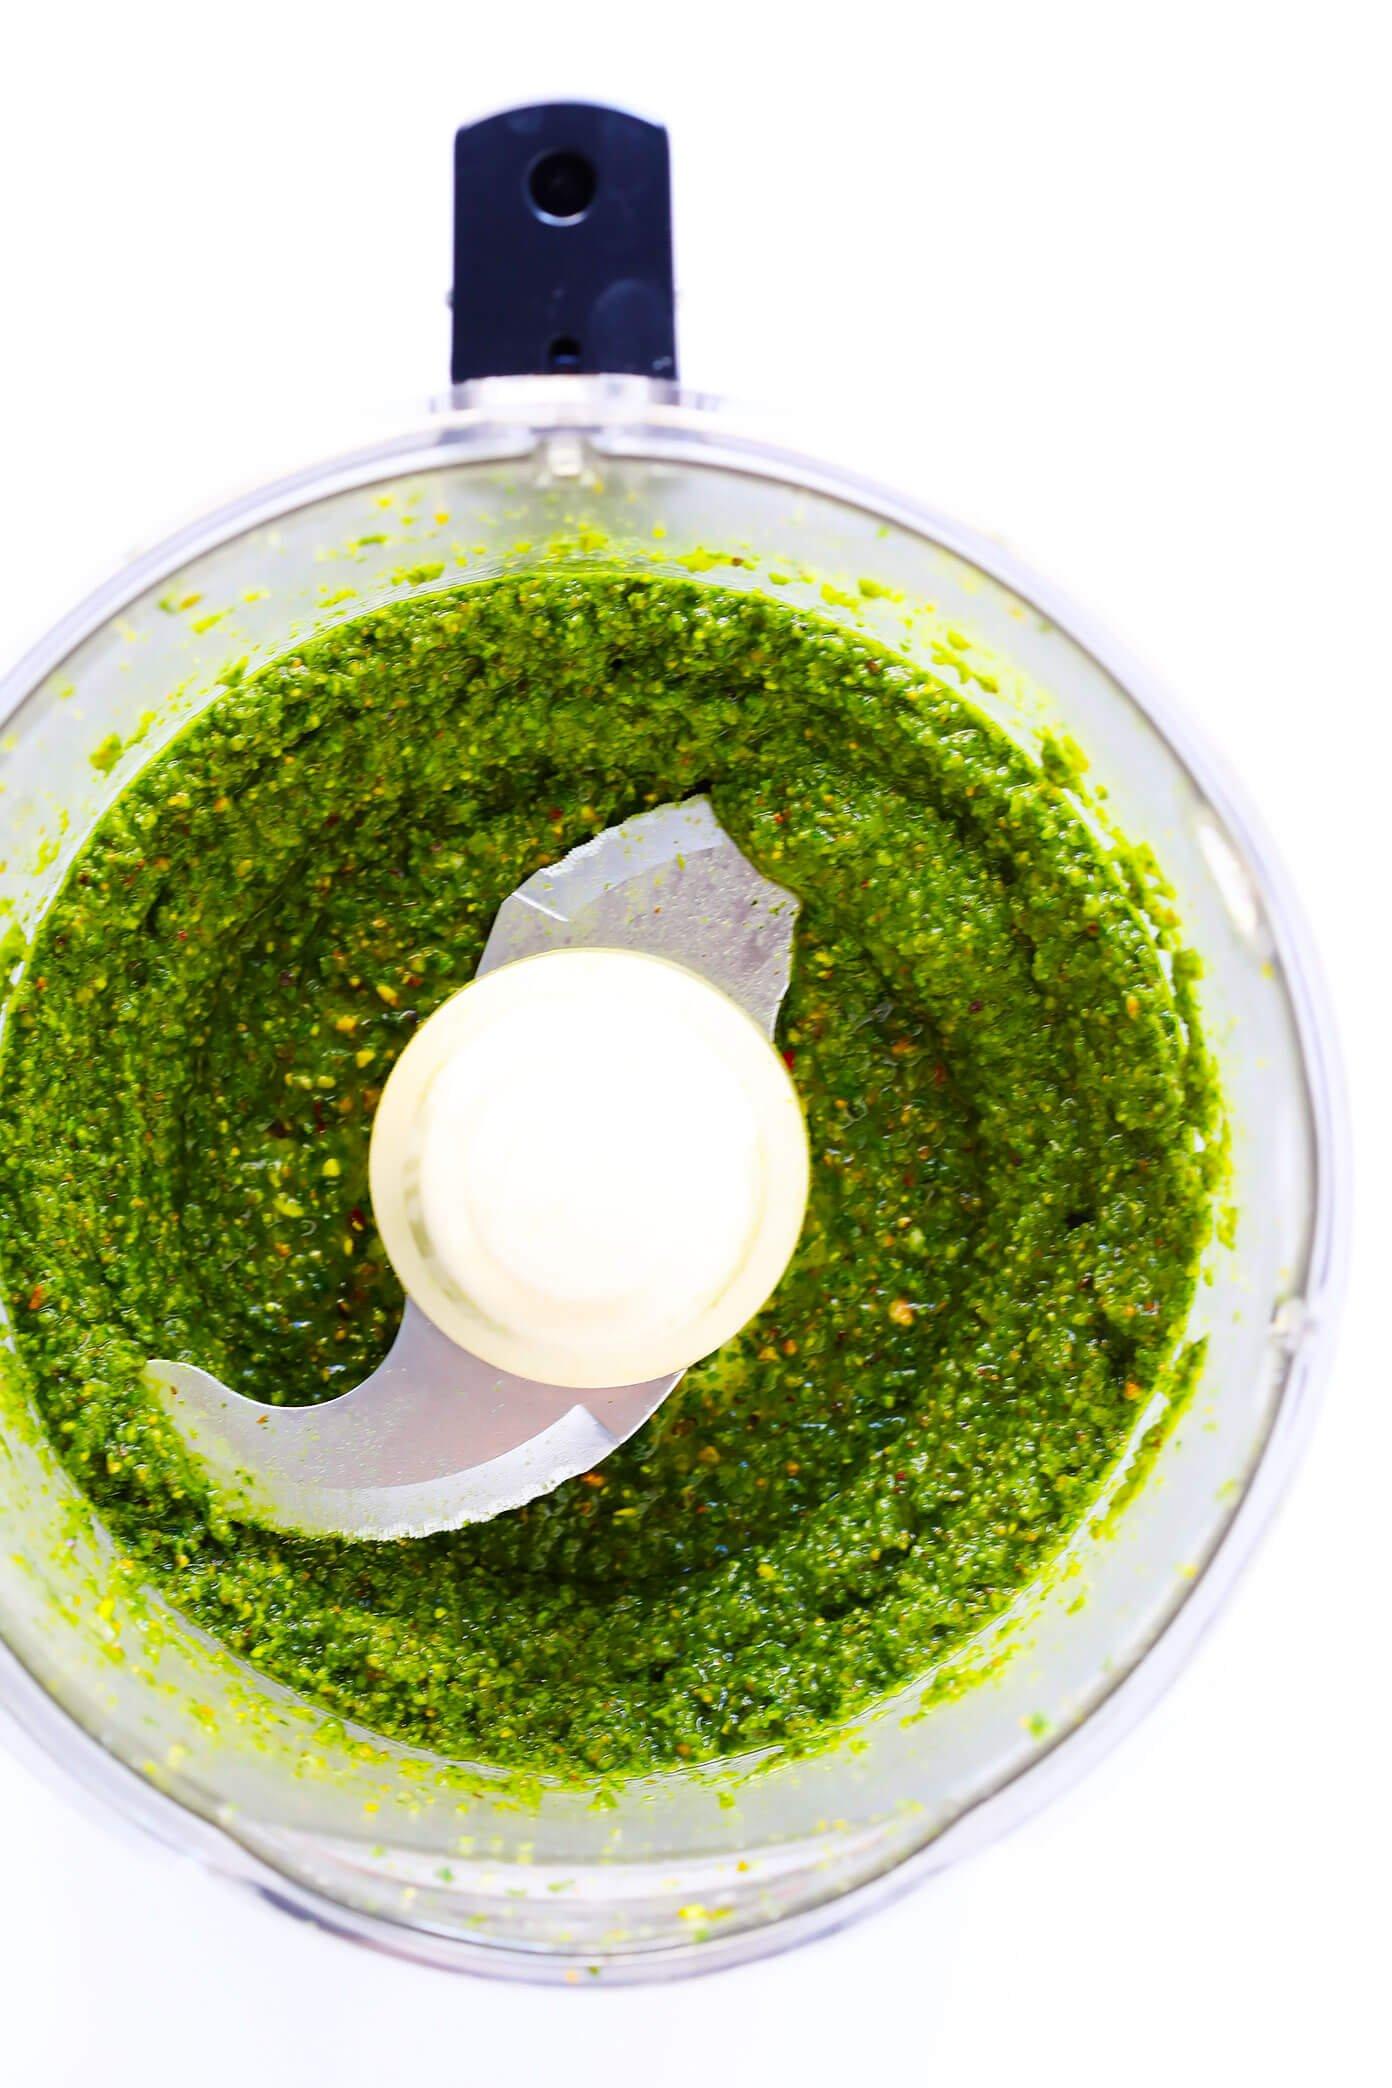 Pistachio Pesto Sauce